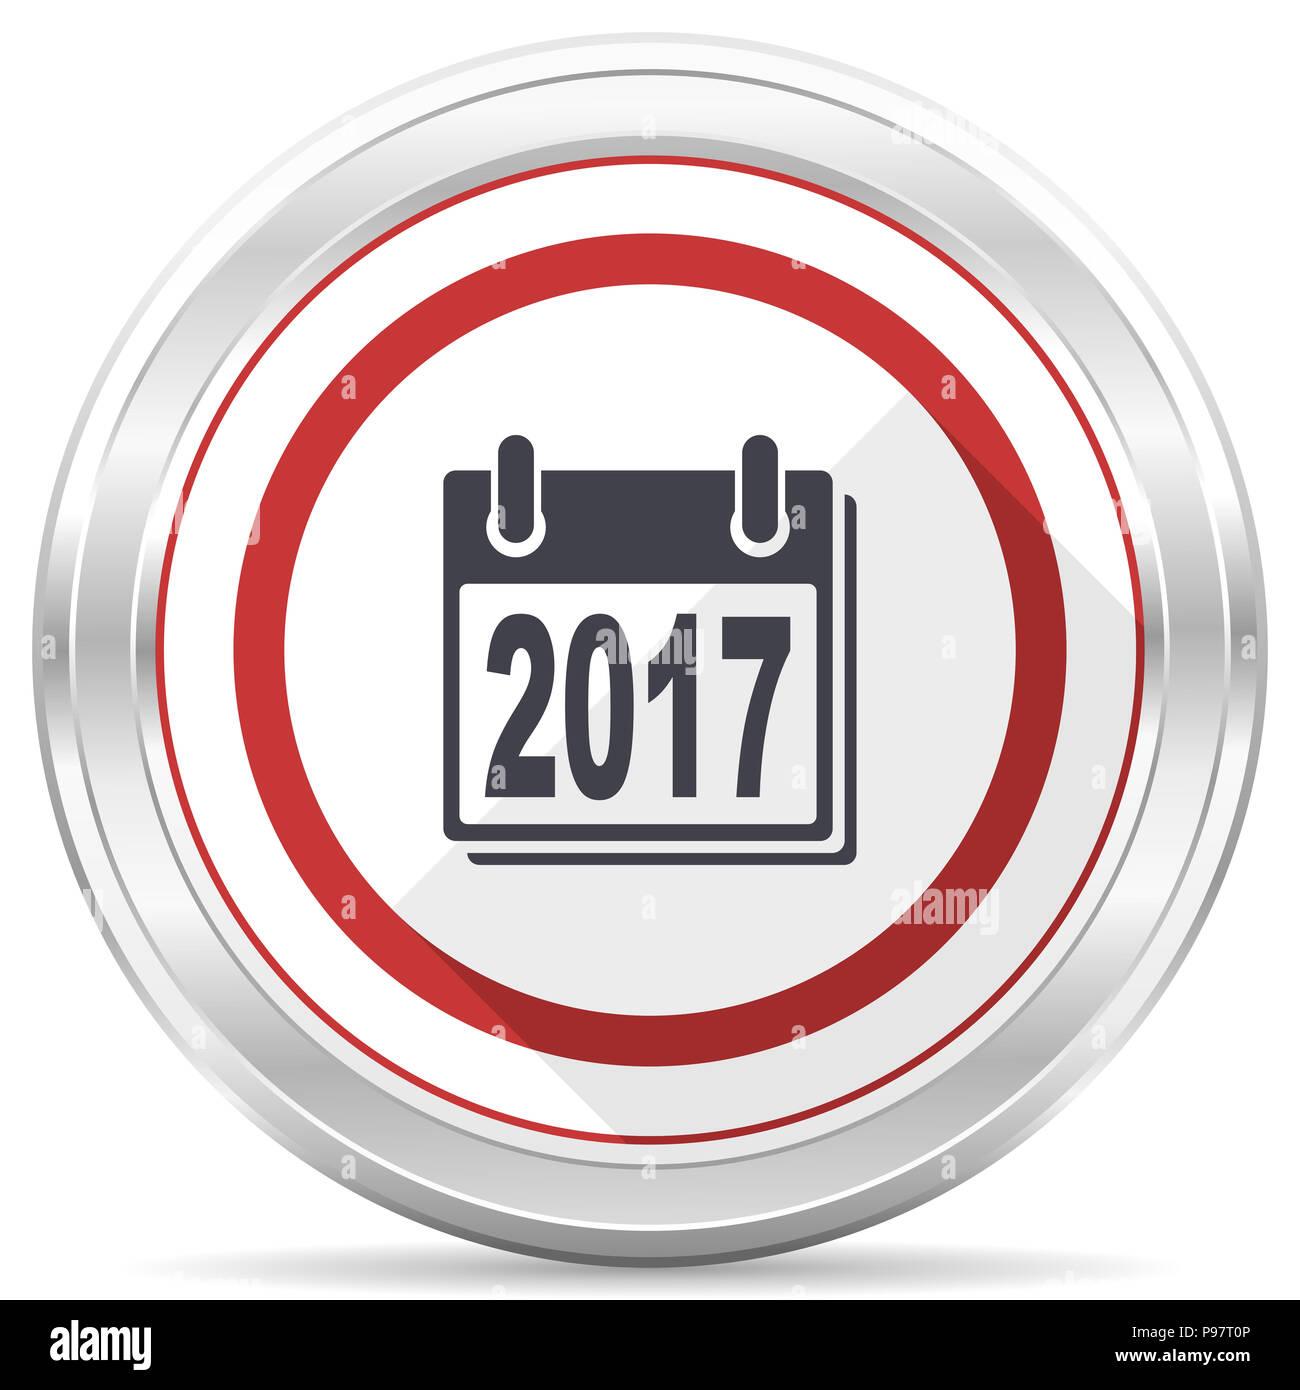 new year 2017 silver metallic chrome border round web icon on white background stock image